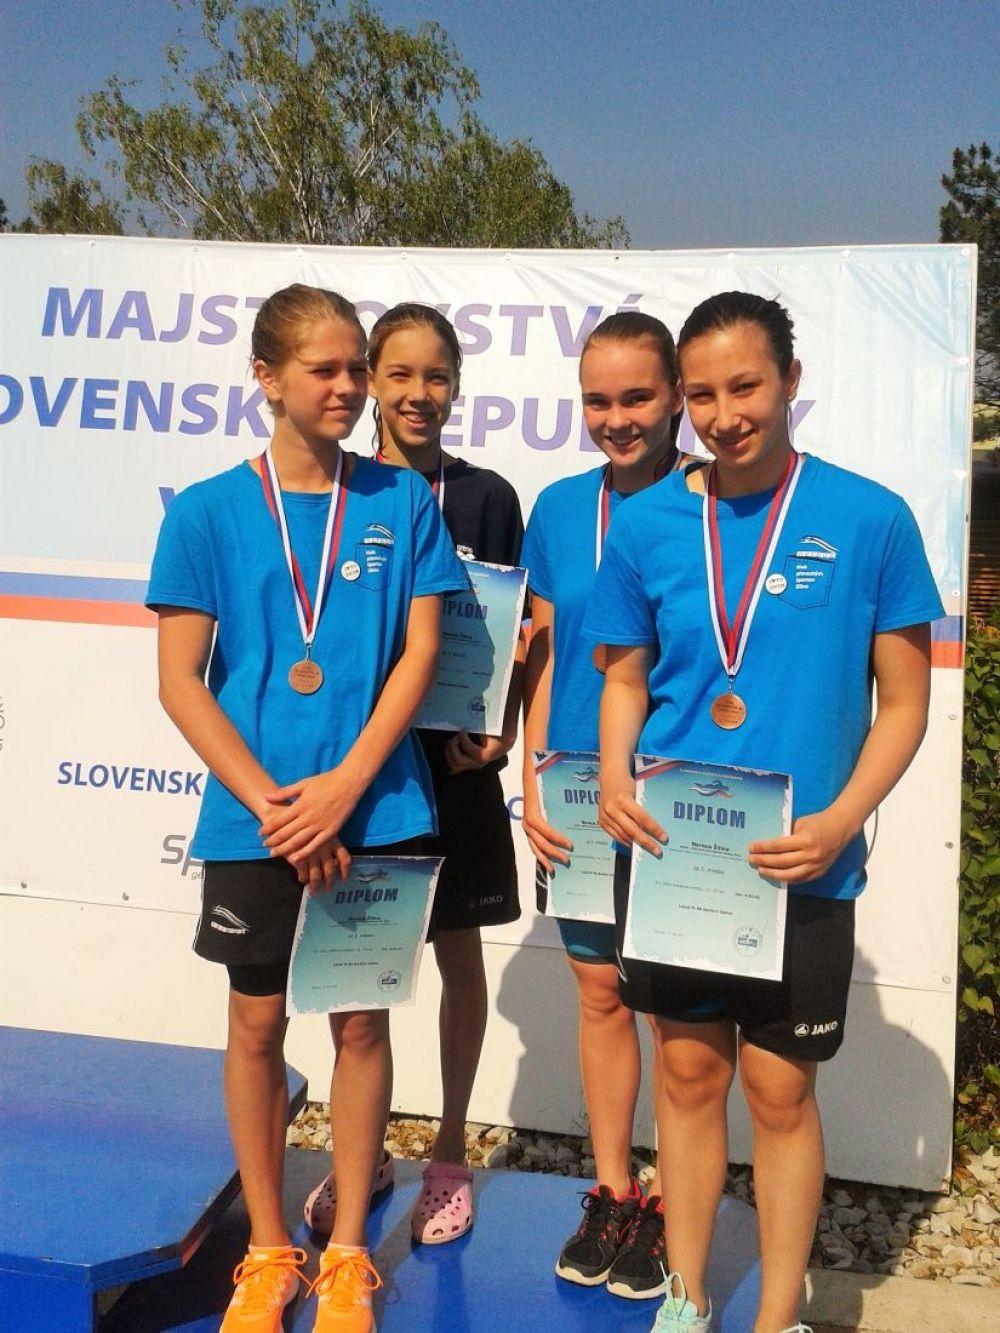 Majstrovstvá Slovenska Nereus 2015 Leto, foto 3